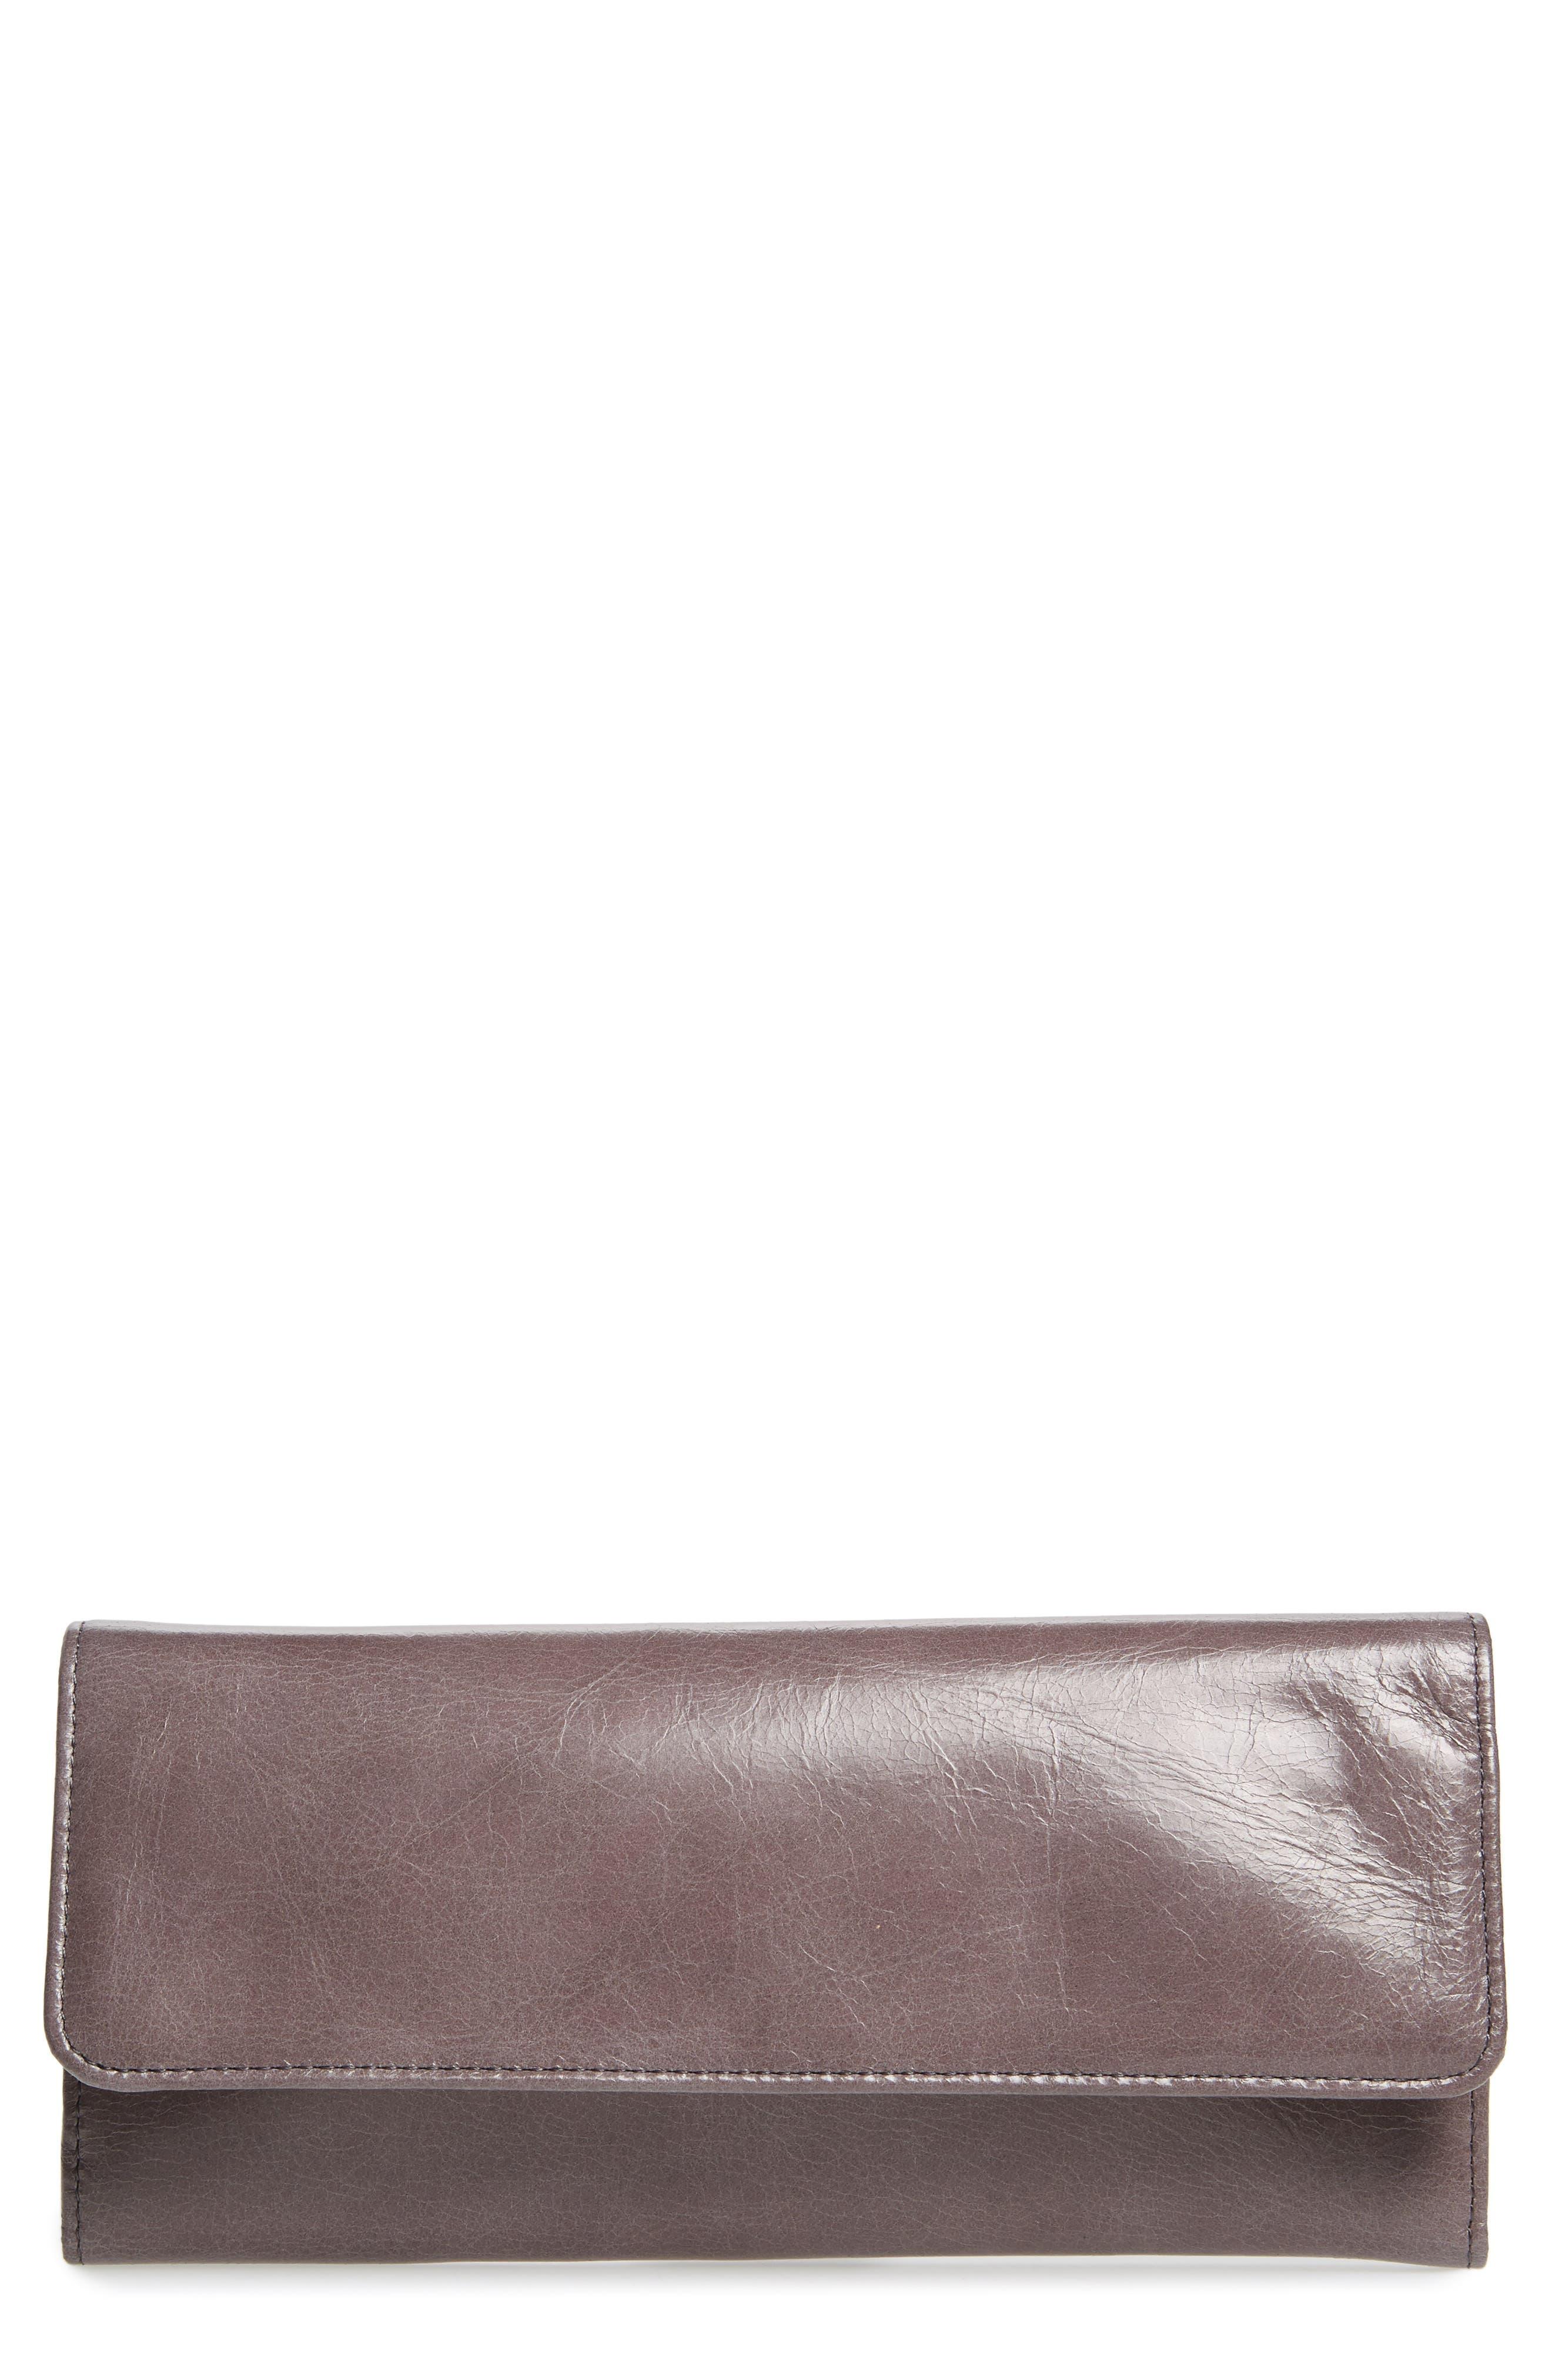 Alternate Image 1 Selected - Hobo 'Sadie' Leather Wallet